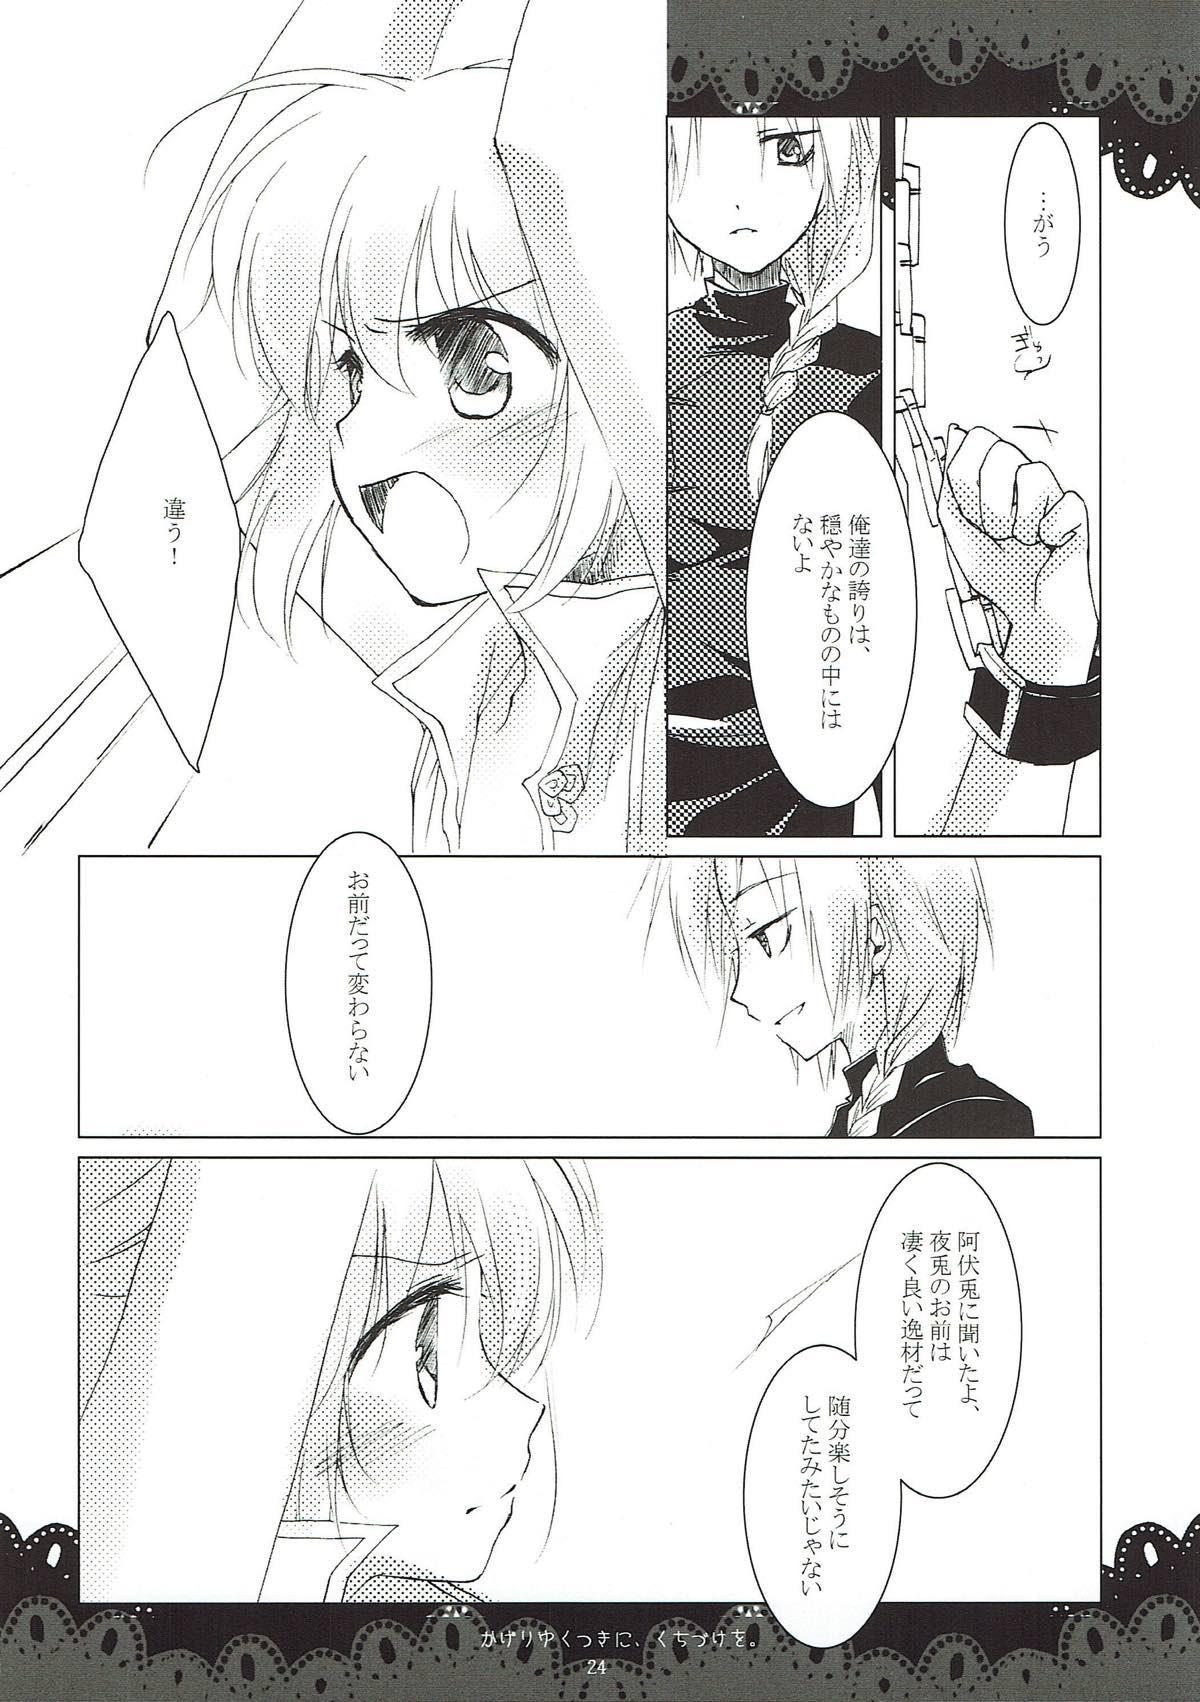 Kageriyuku Tsuki ni, Kuchizuke o. 21